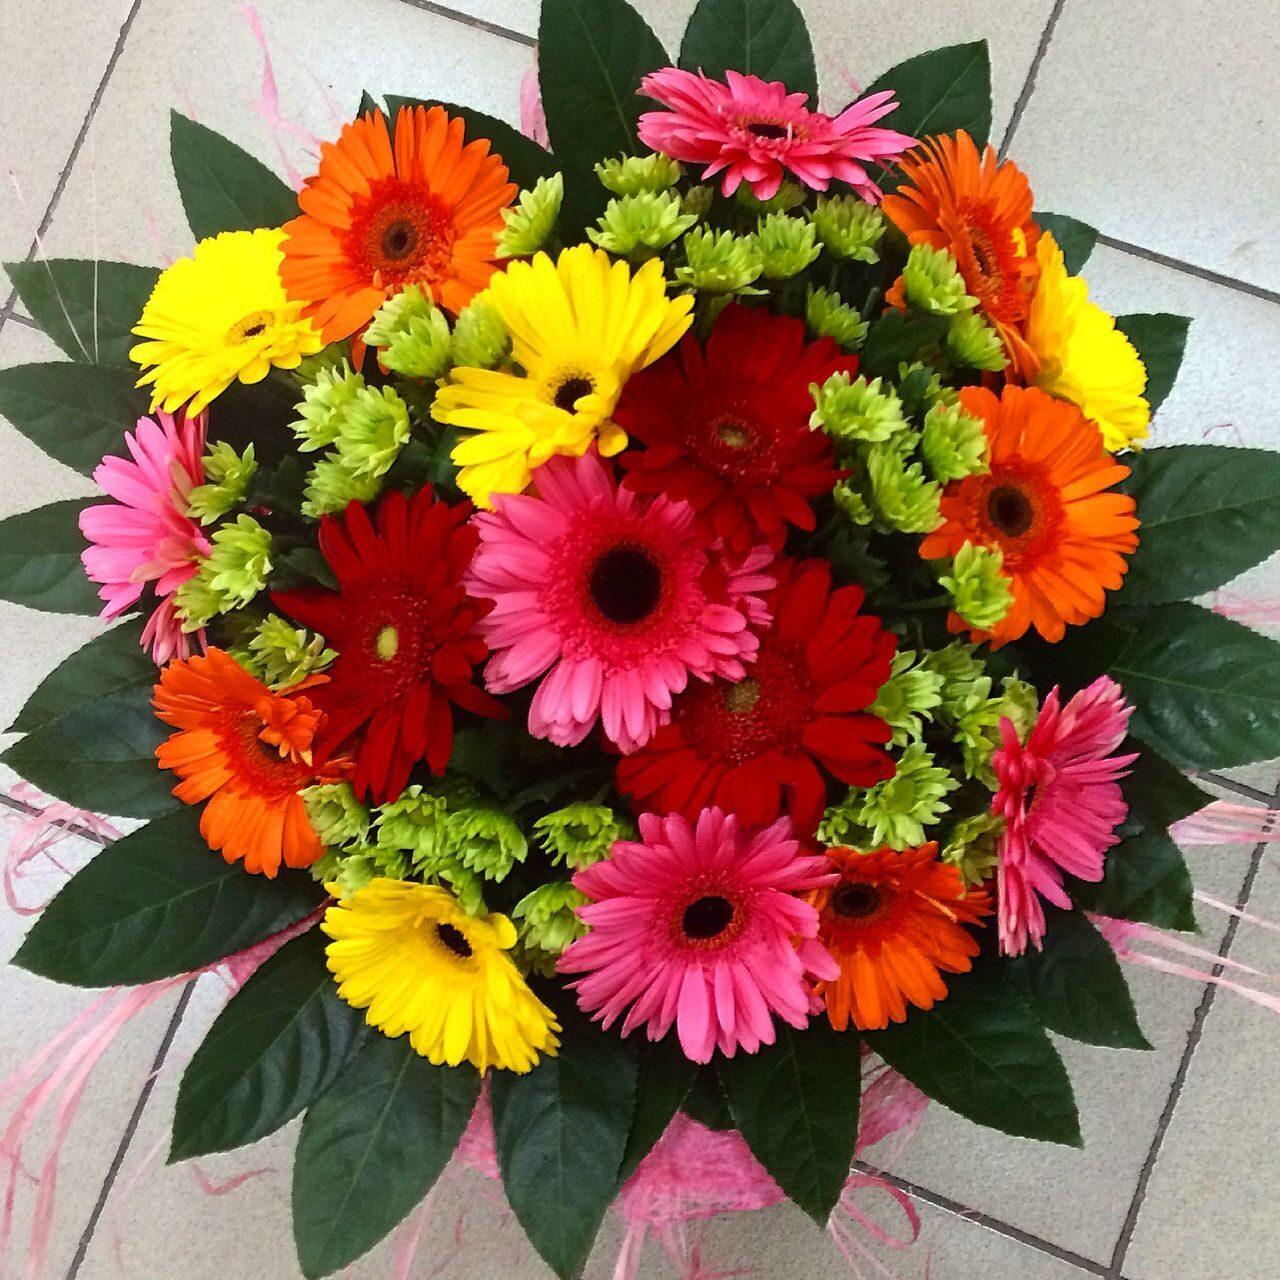 Магазин цветов в городе кызыл #13